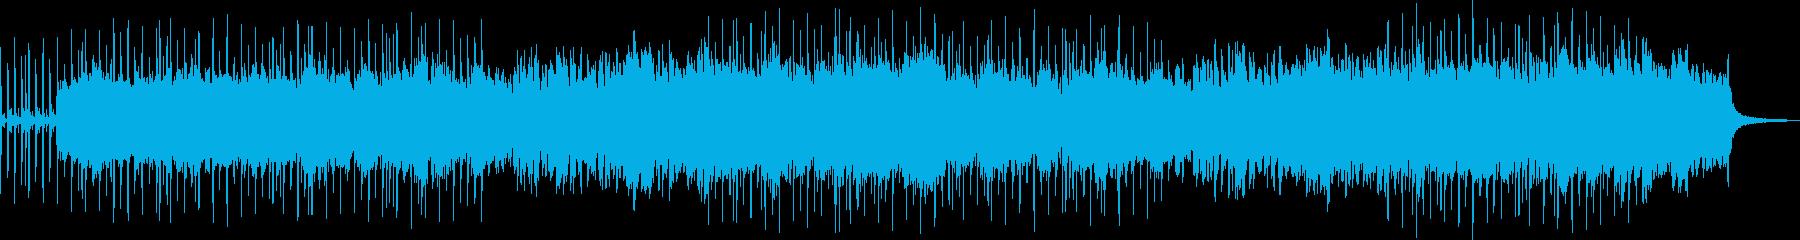 クリスマスっぽいBGMの再生済みの波形